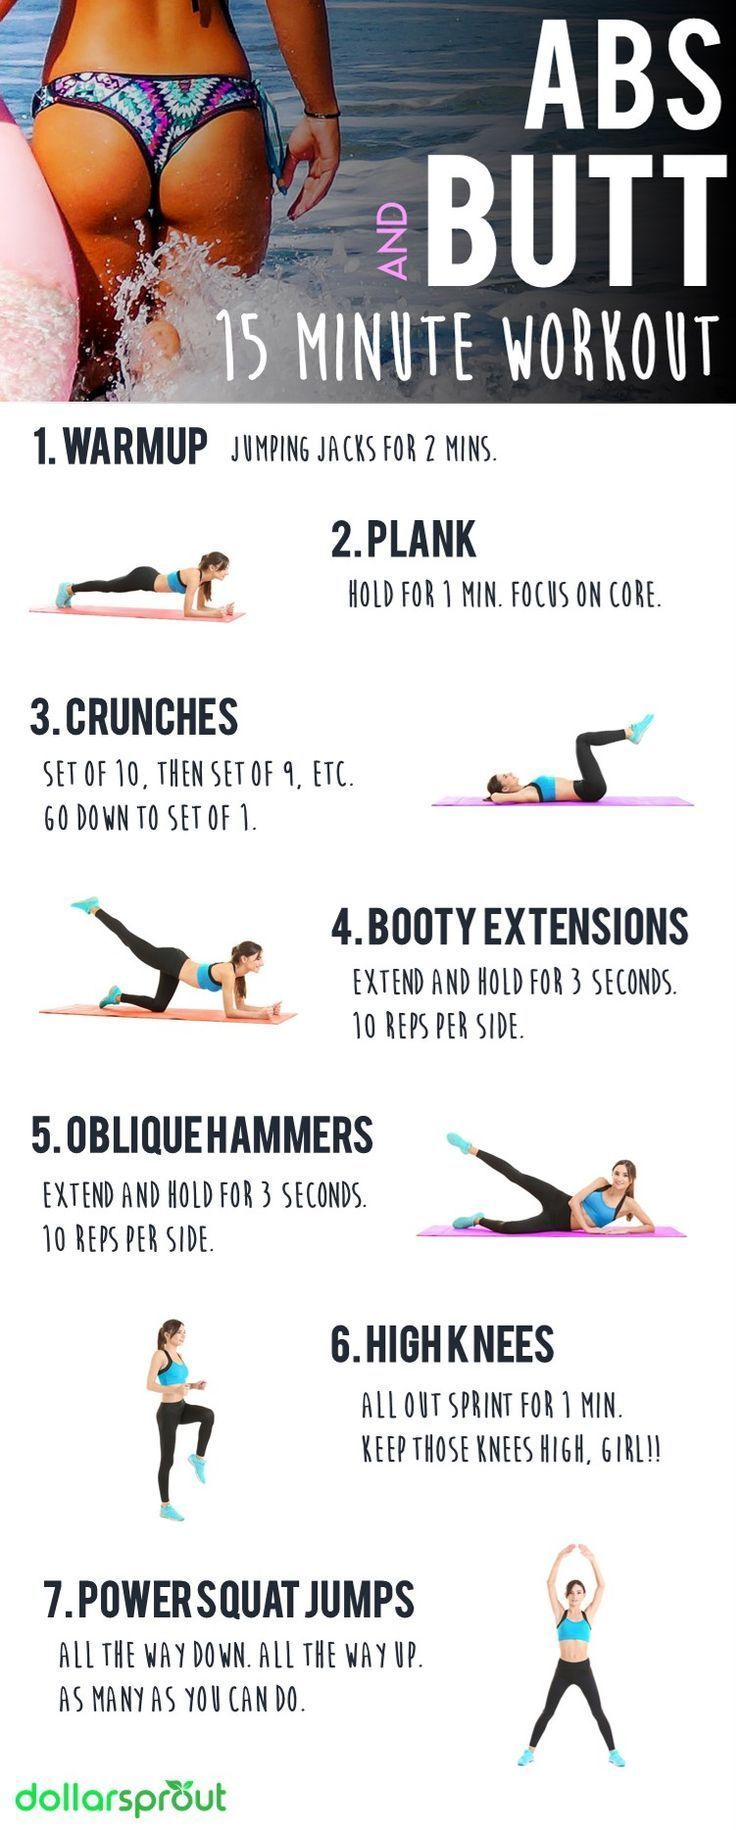 Ab Trainingseinheiten Zu Hause Bauchmuskeltraining Ab Workouts Zu Hause Flachen Bauch B 15 Minute Workout At Home Glute Workout Abs Workout Routines